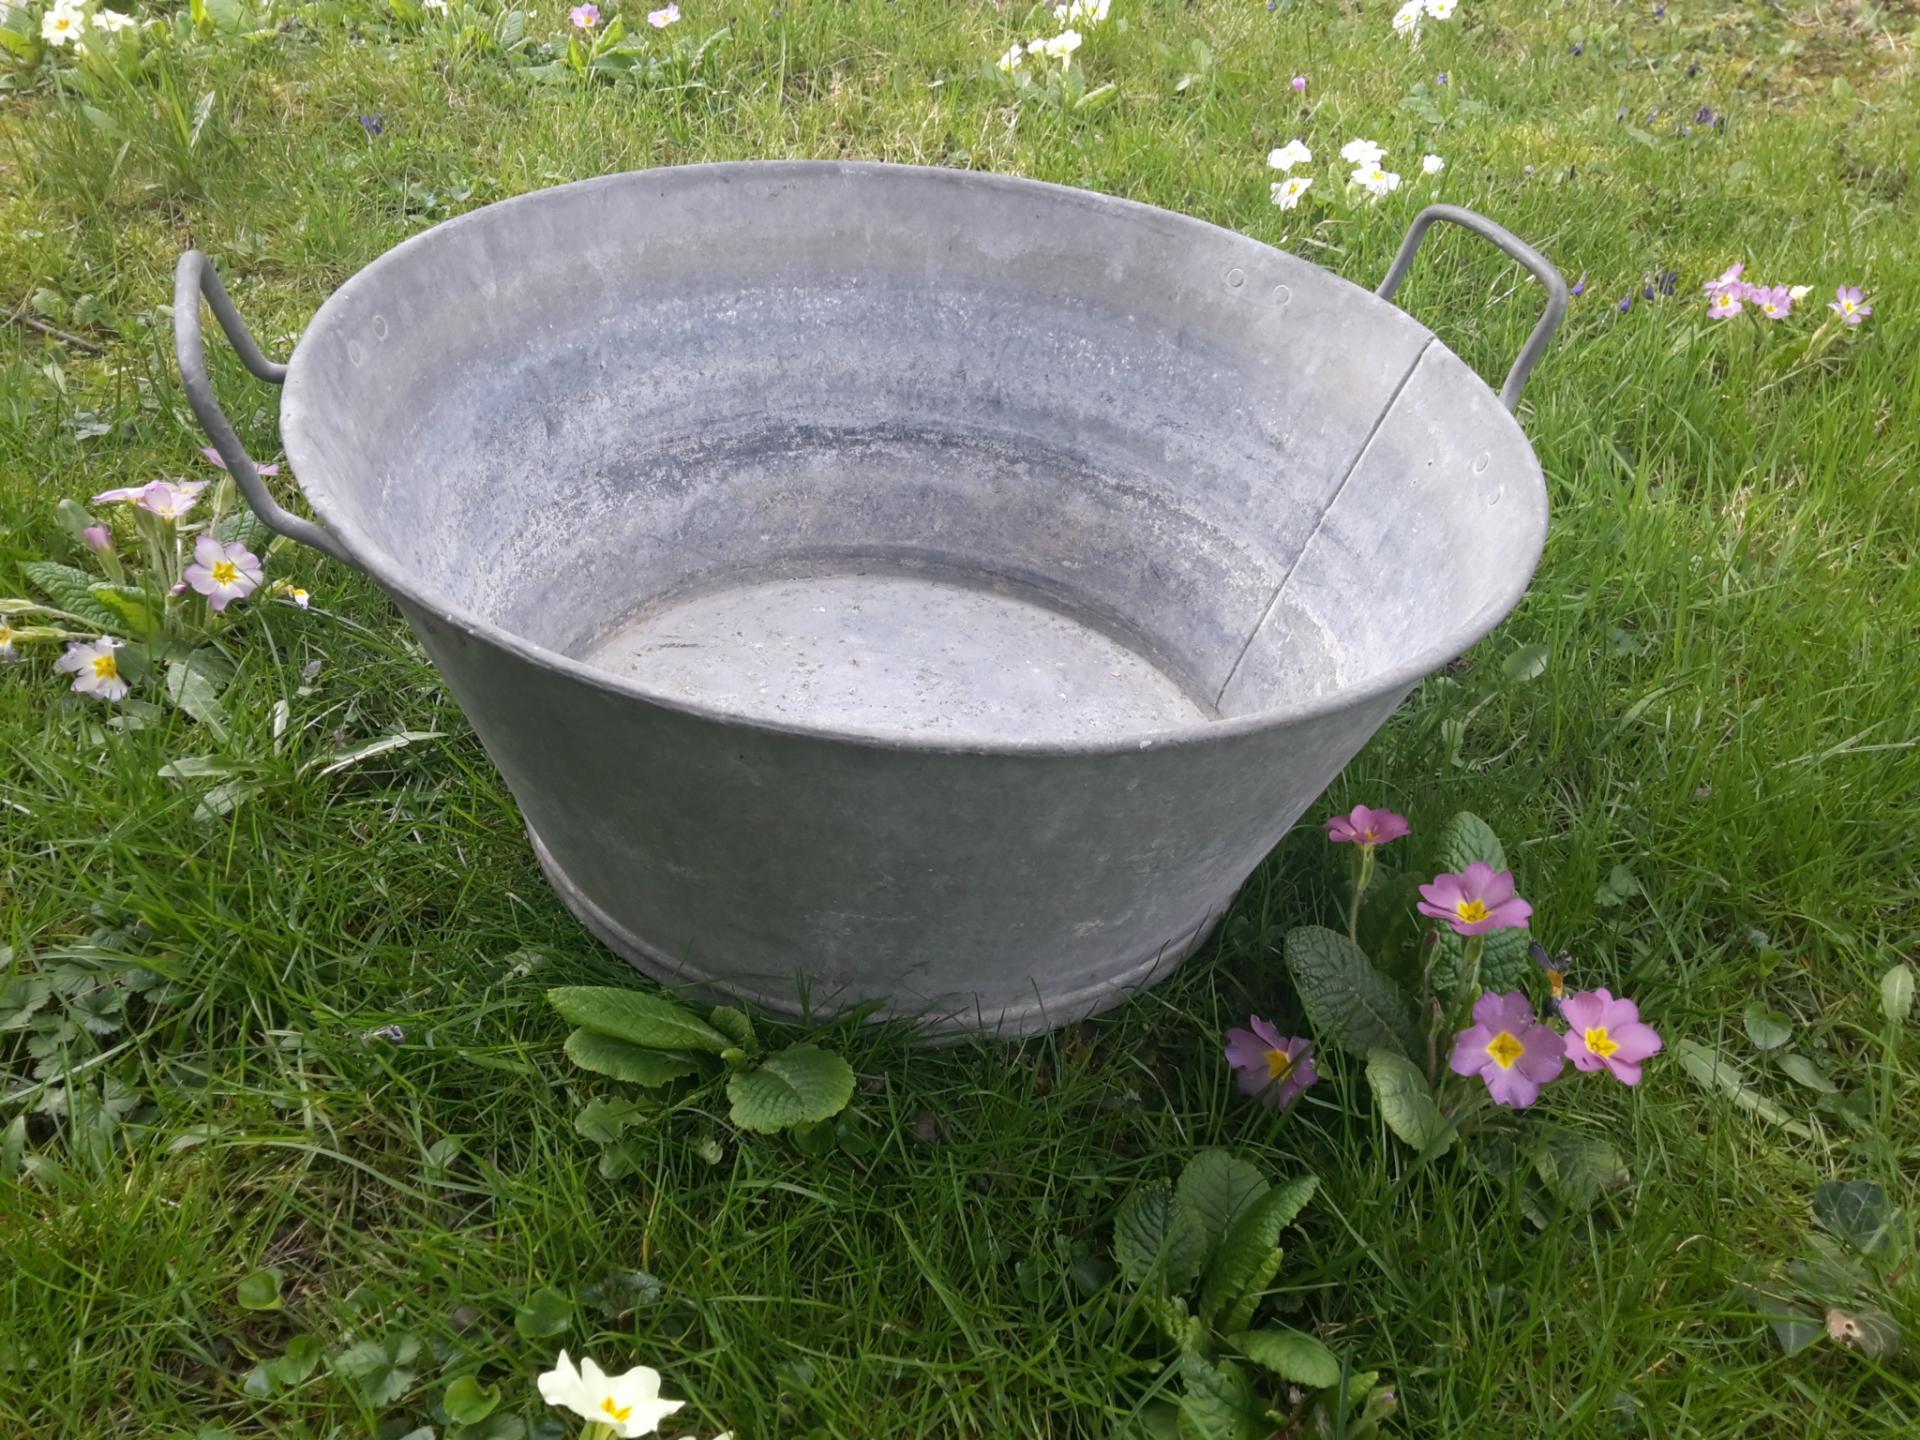 2 bassine ronde en zinc